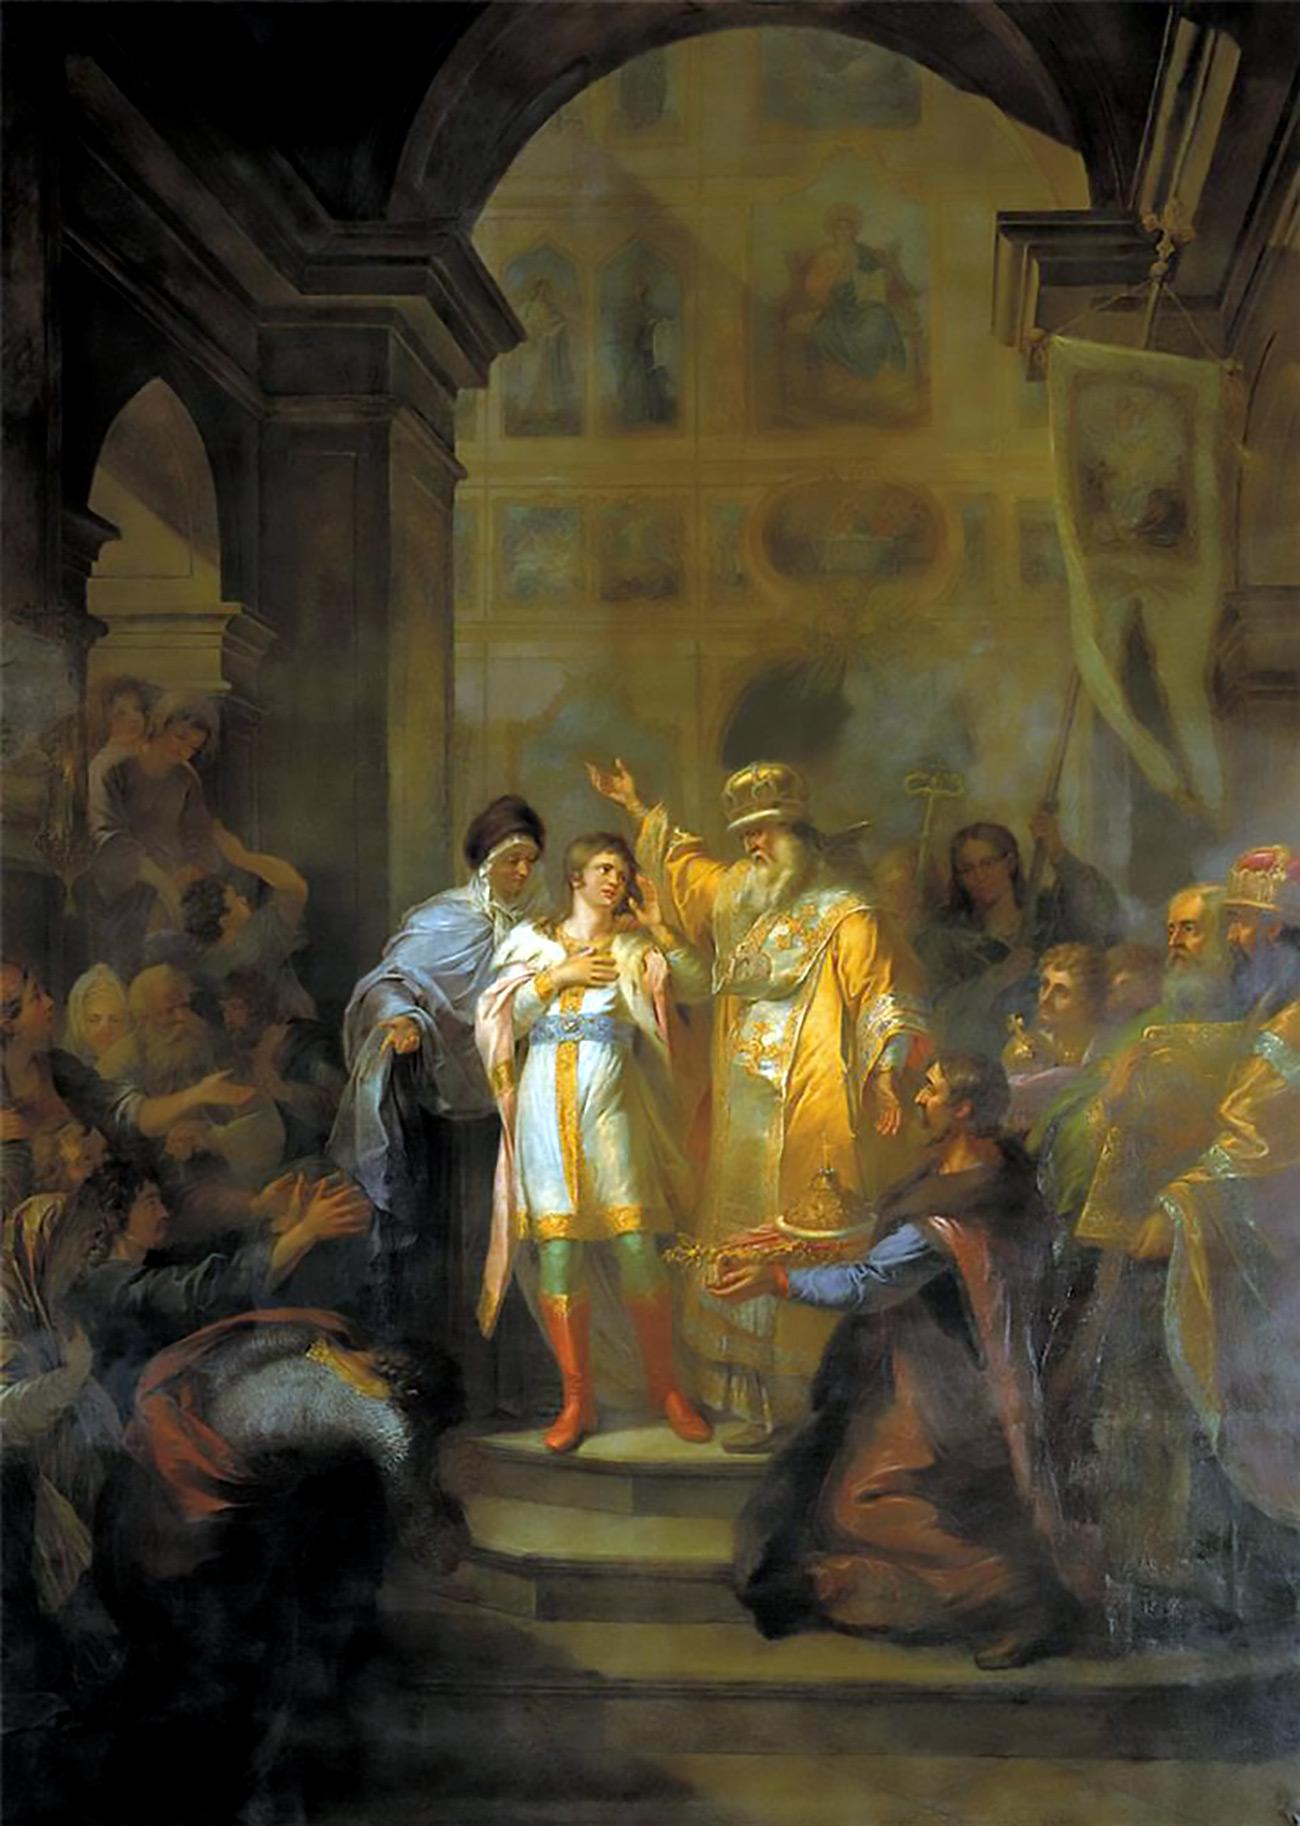 Избор на Михаил Романов за рускиот цар, 14 март 1613 година / Третјаковска галерија